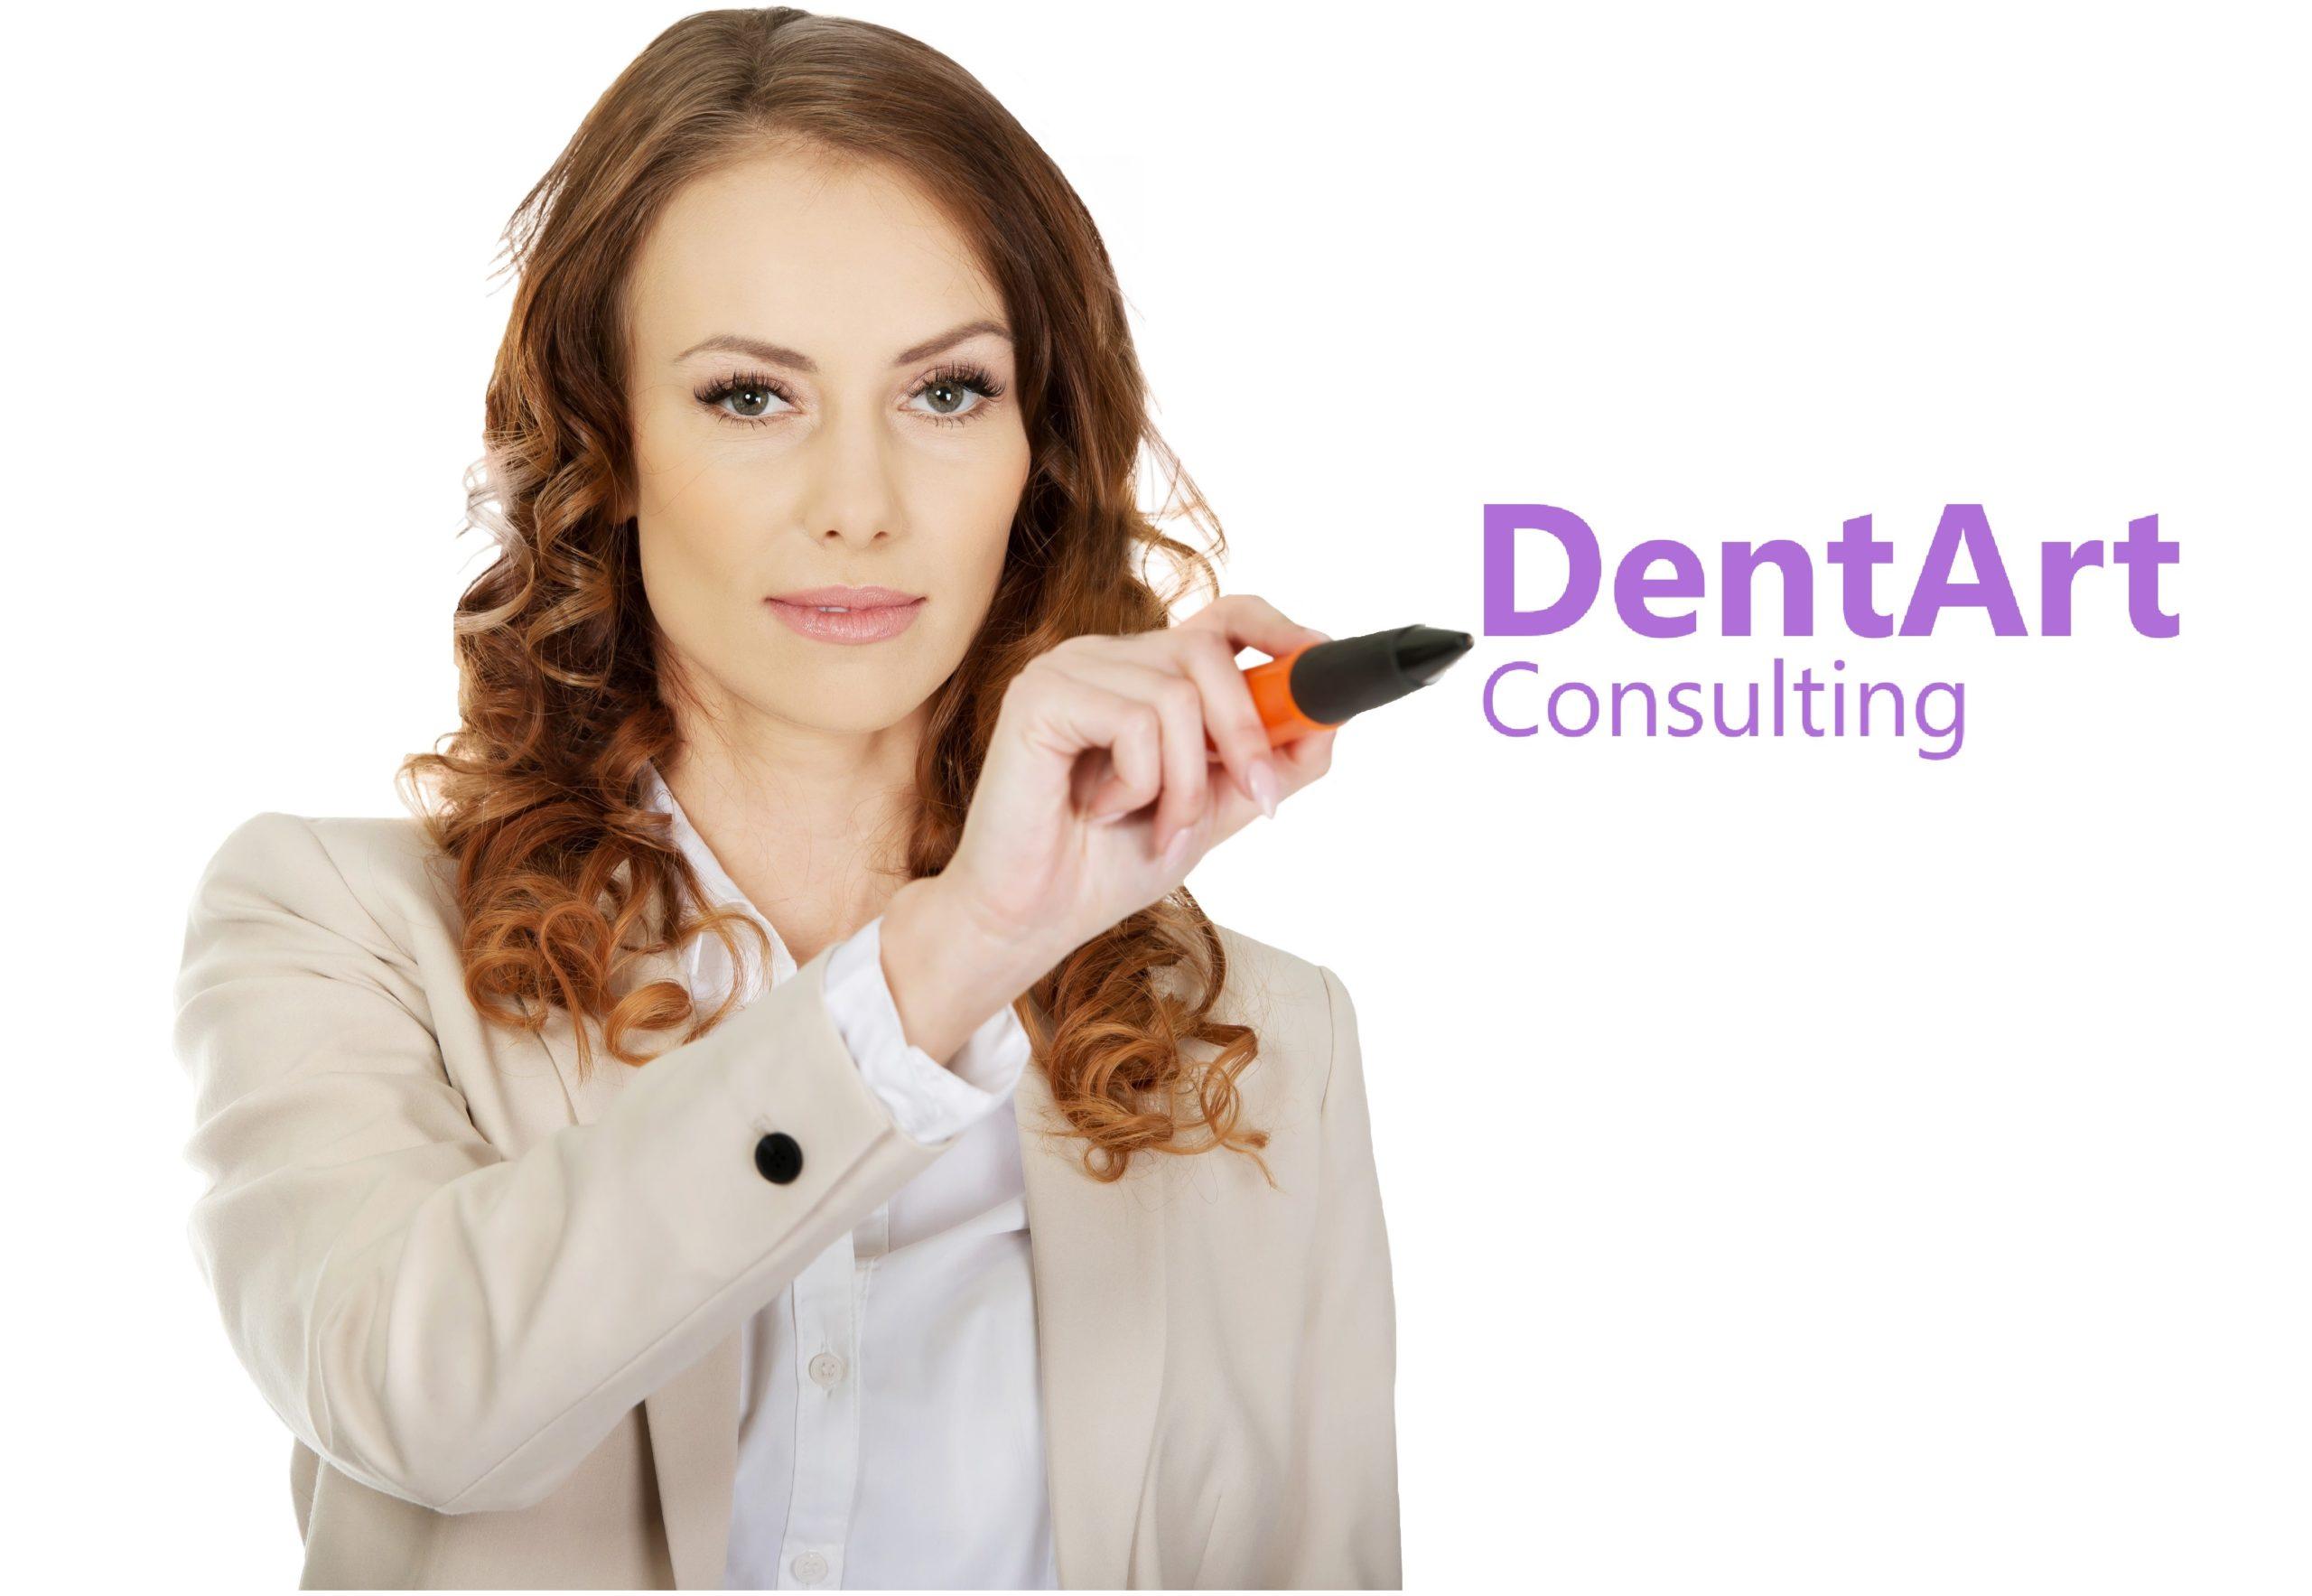 DentArt Consulting banner